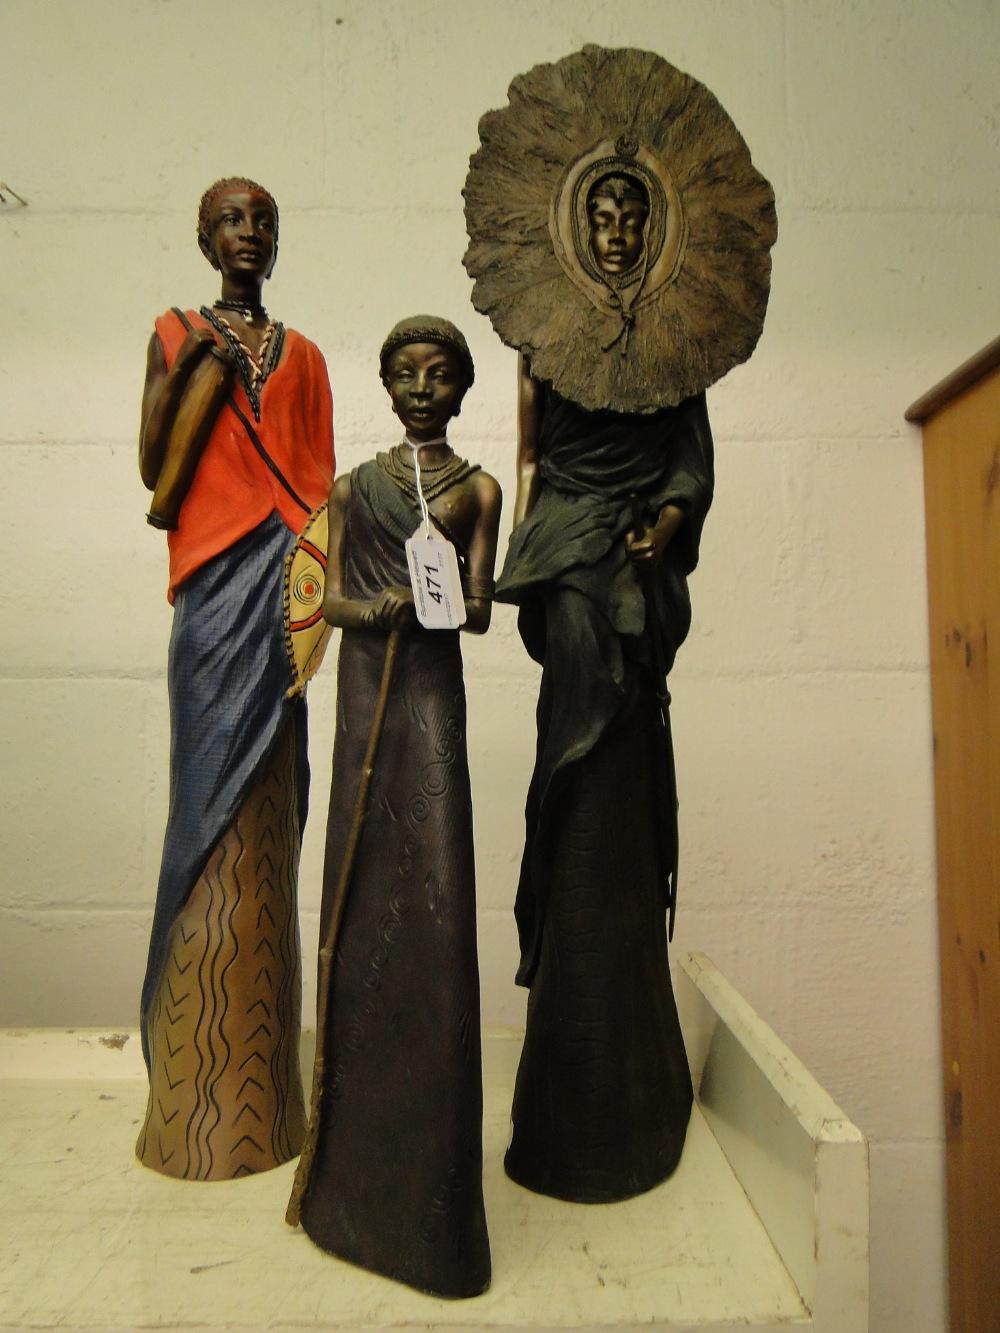 Lot 471 - 3 Soul Journeys Maasai figures